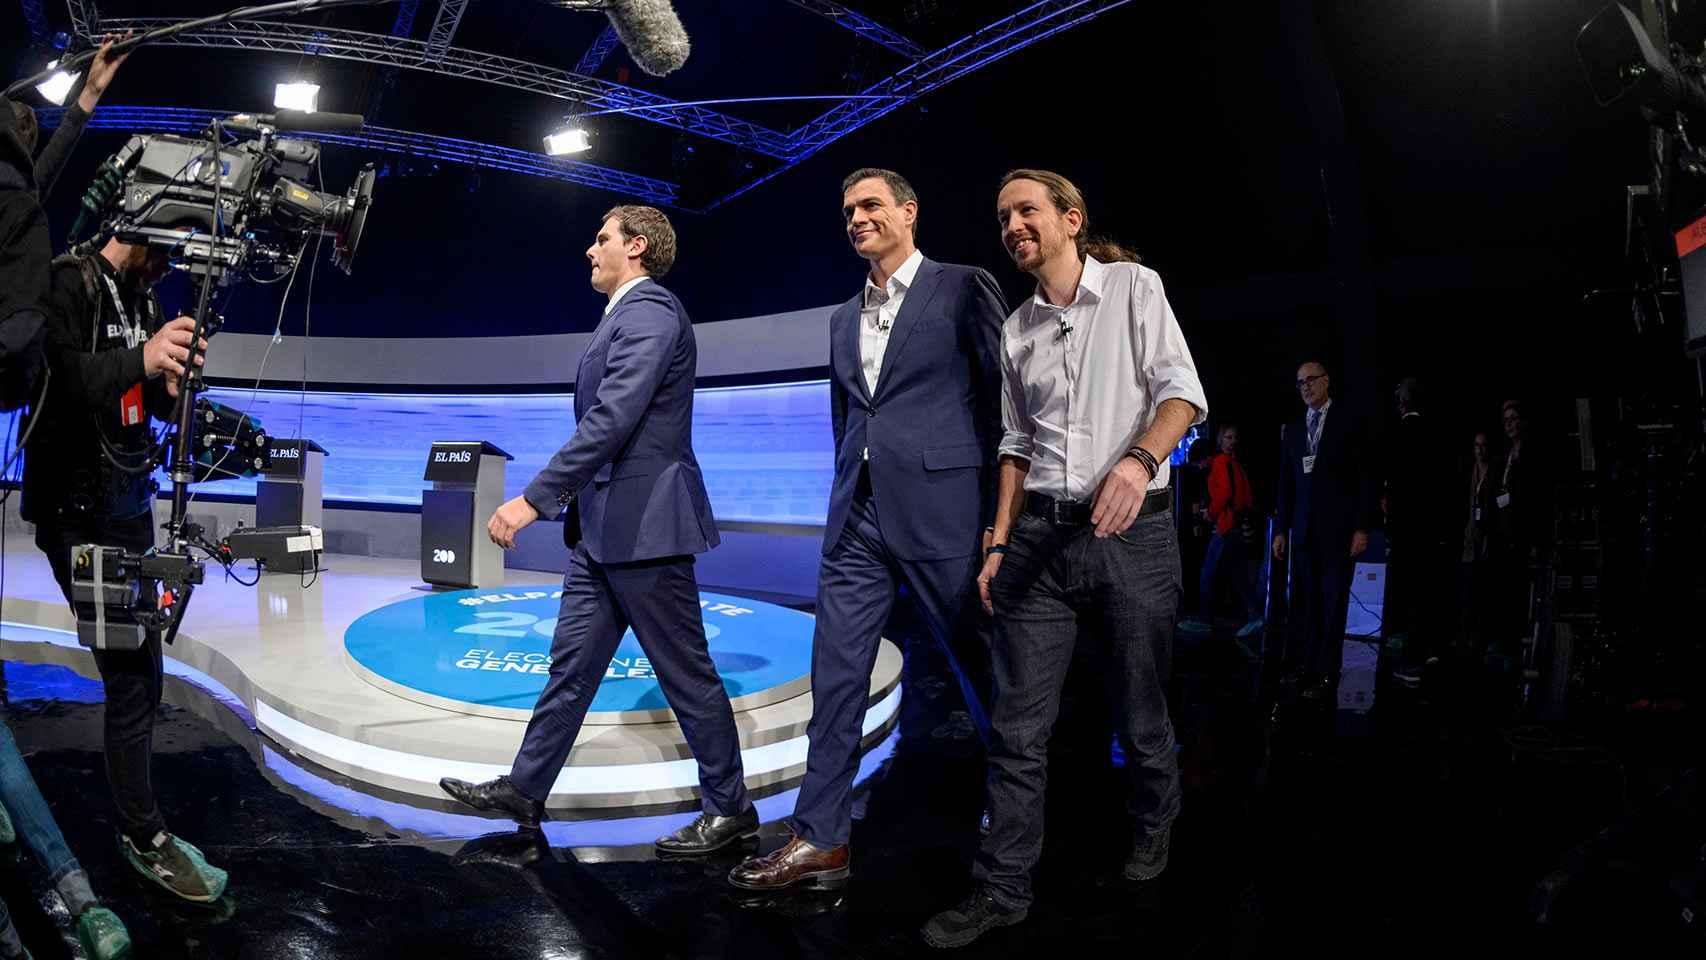 Los tres candidatos llegan al debate.